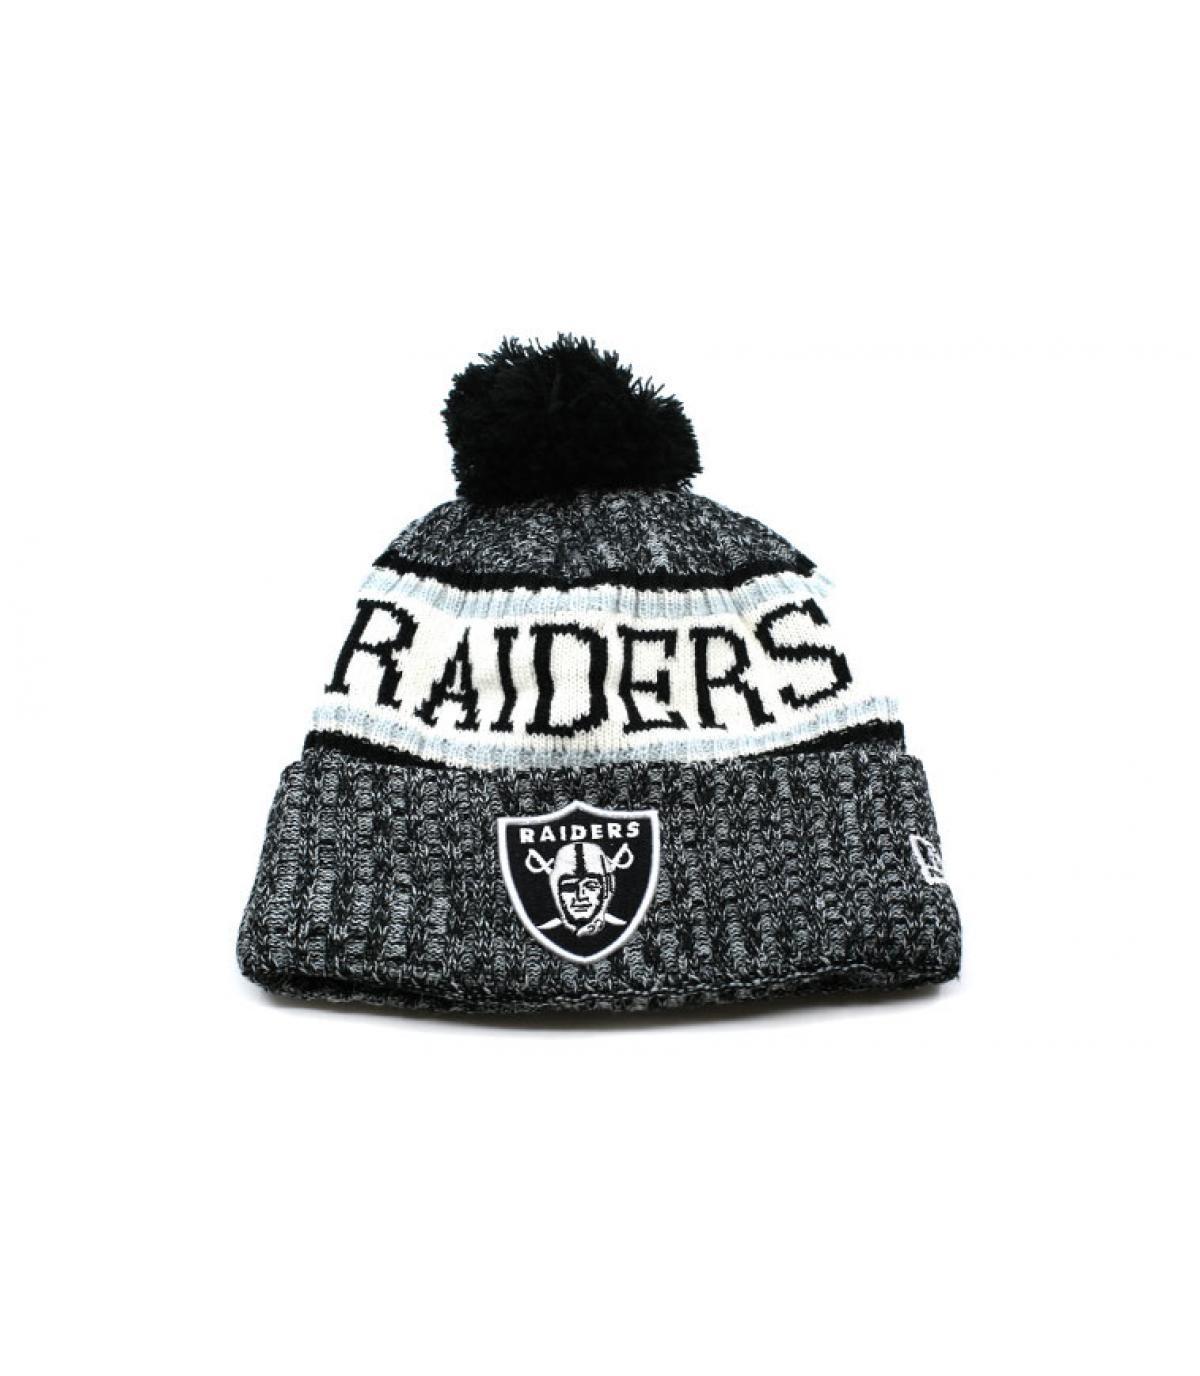 Details NFL Sideline Sport Knit Raiders - afbeeling 2